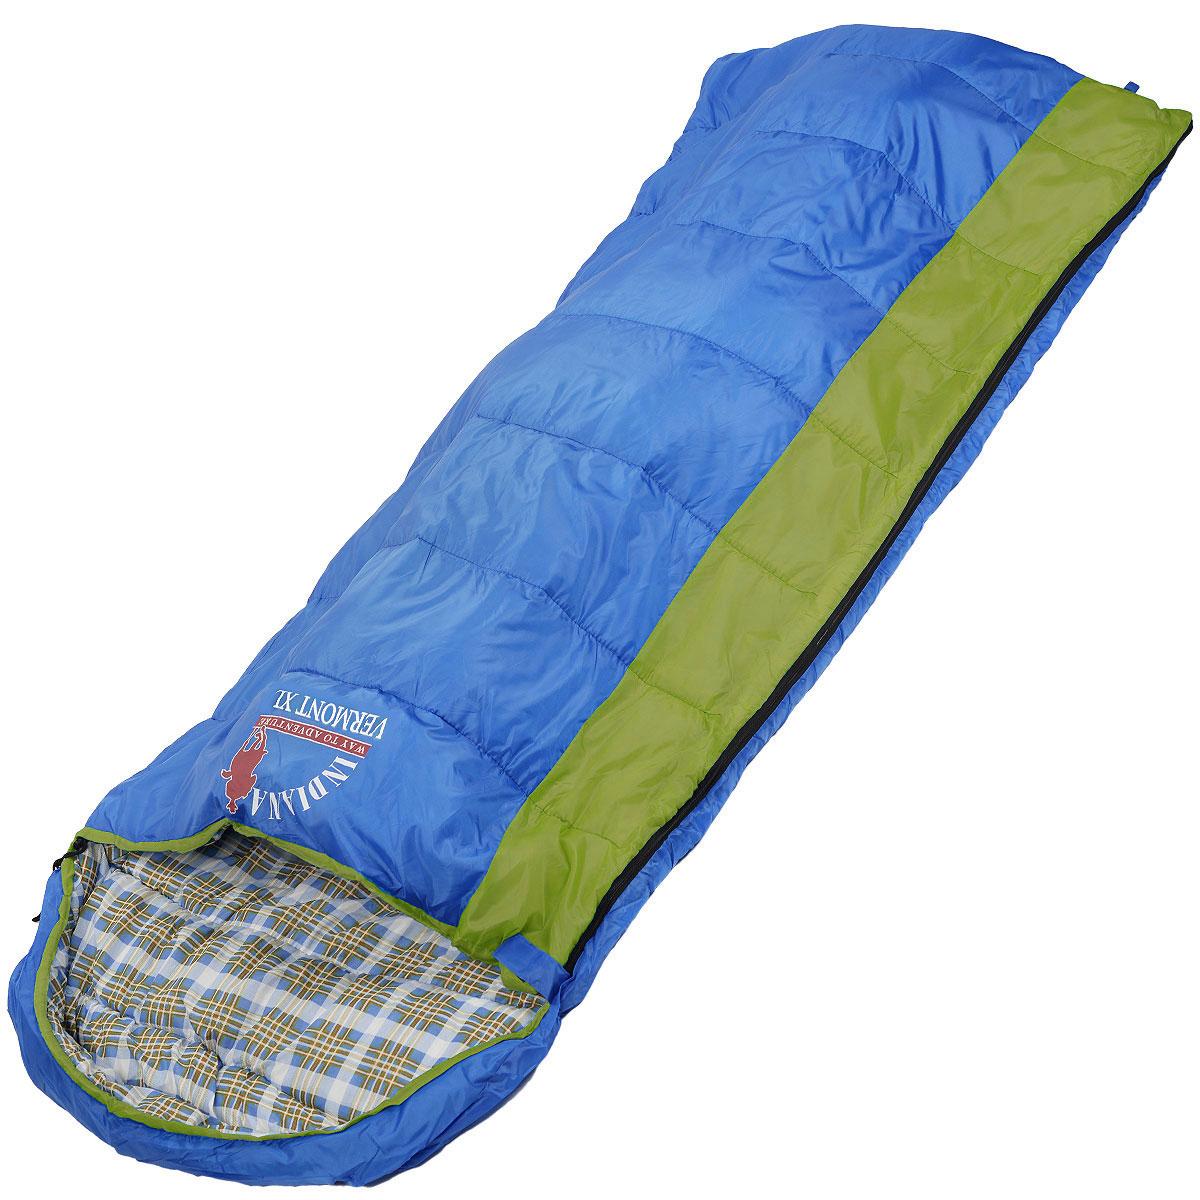 Мешок спальный Indiana Vermont Xl, правосторонняя молния, 220 х 95 смKOC-H19-LEDСамый популярный трехсезонный спальник-одеяло с подголовником, предназначен для комфортного сна даже в холодное время года. Спальный мешок Indiana Vermont Xl не только убережет вас от холода, но и, благодаря увеличенным размерам, обеспечит максимально комфортные условия для вашего сна. Разъемная молния позволяет состыковать два спальника в один большой.